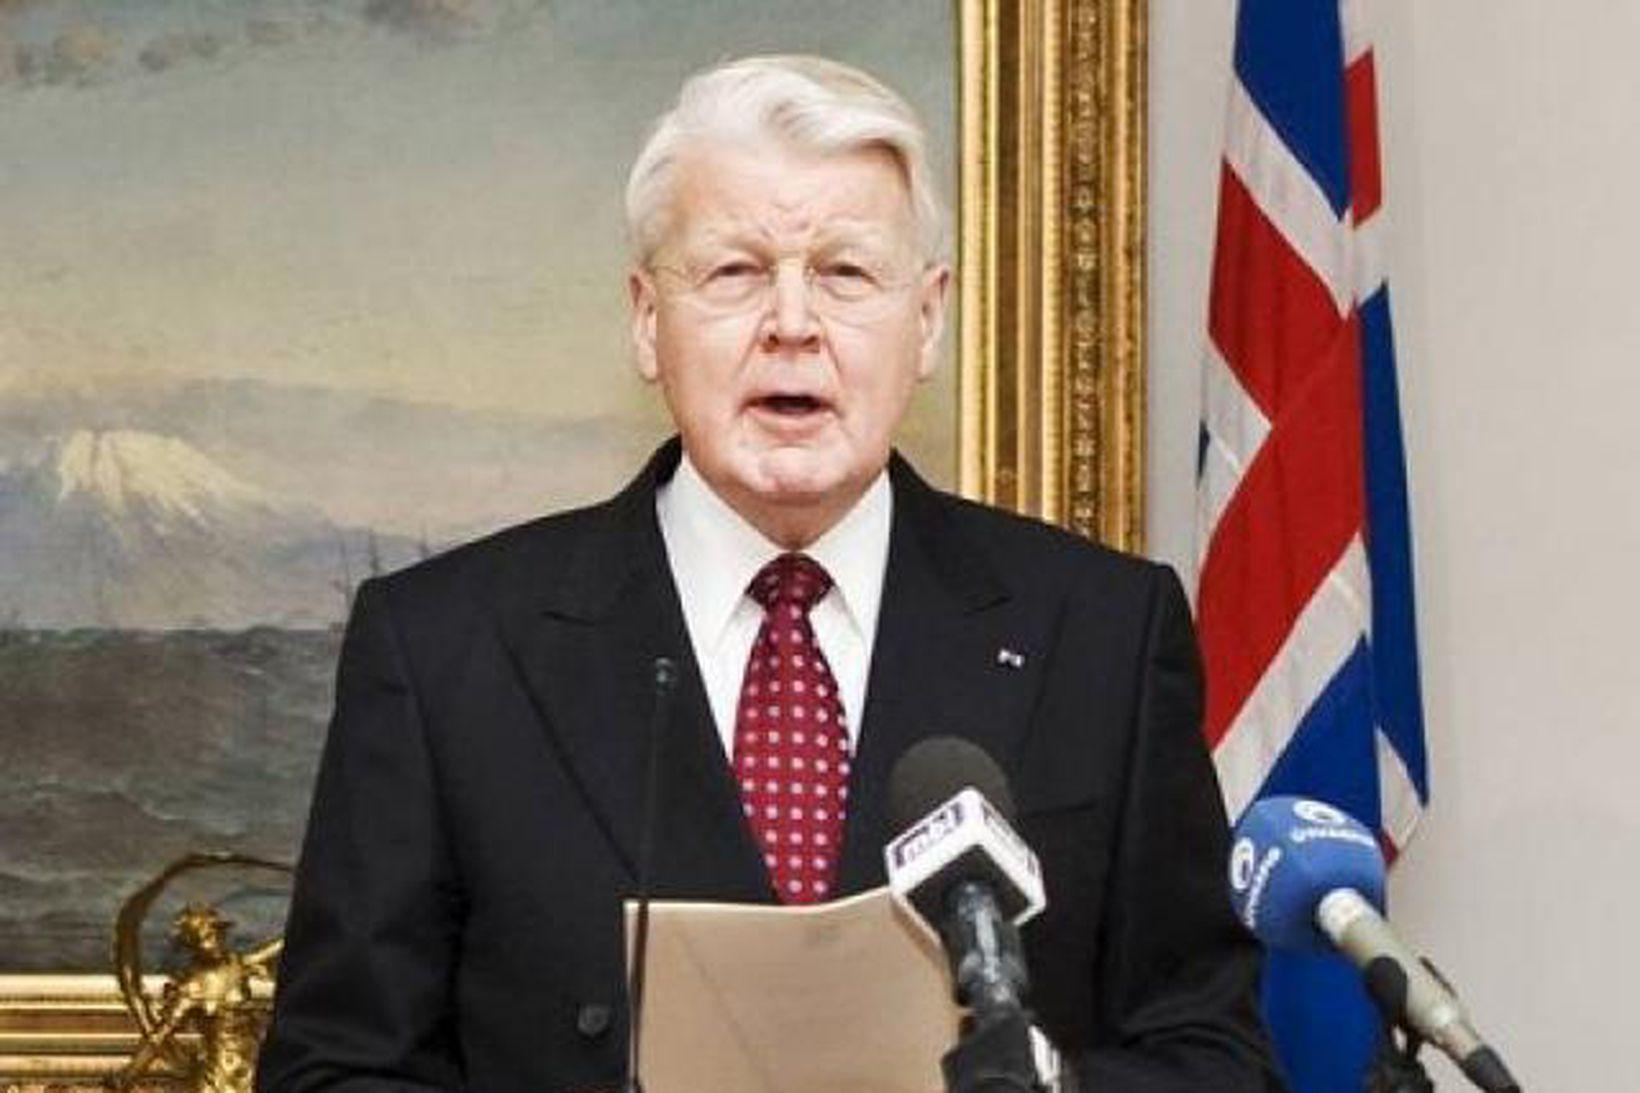 Ólafur Ragnar Grímsson forseti Íslands.